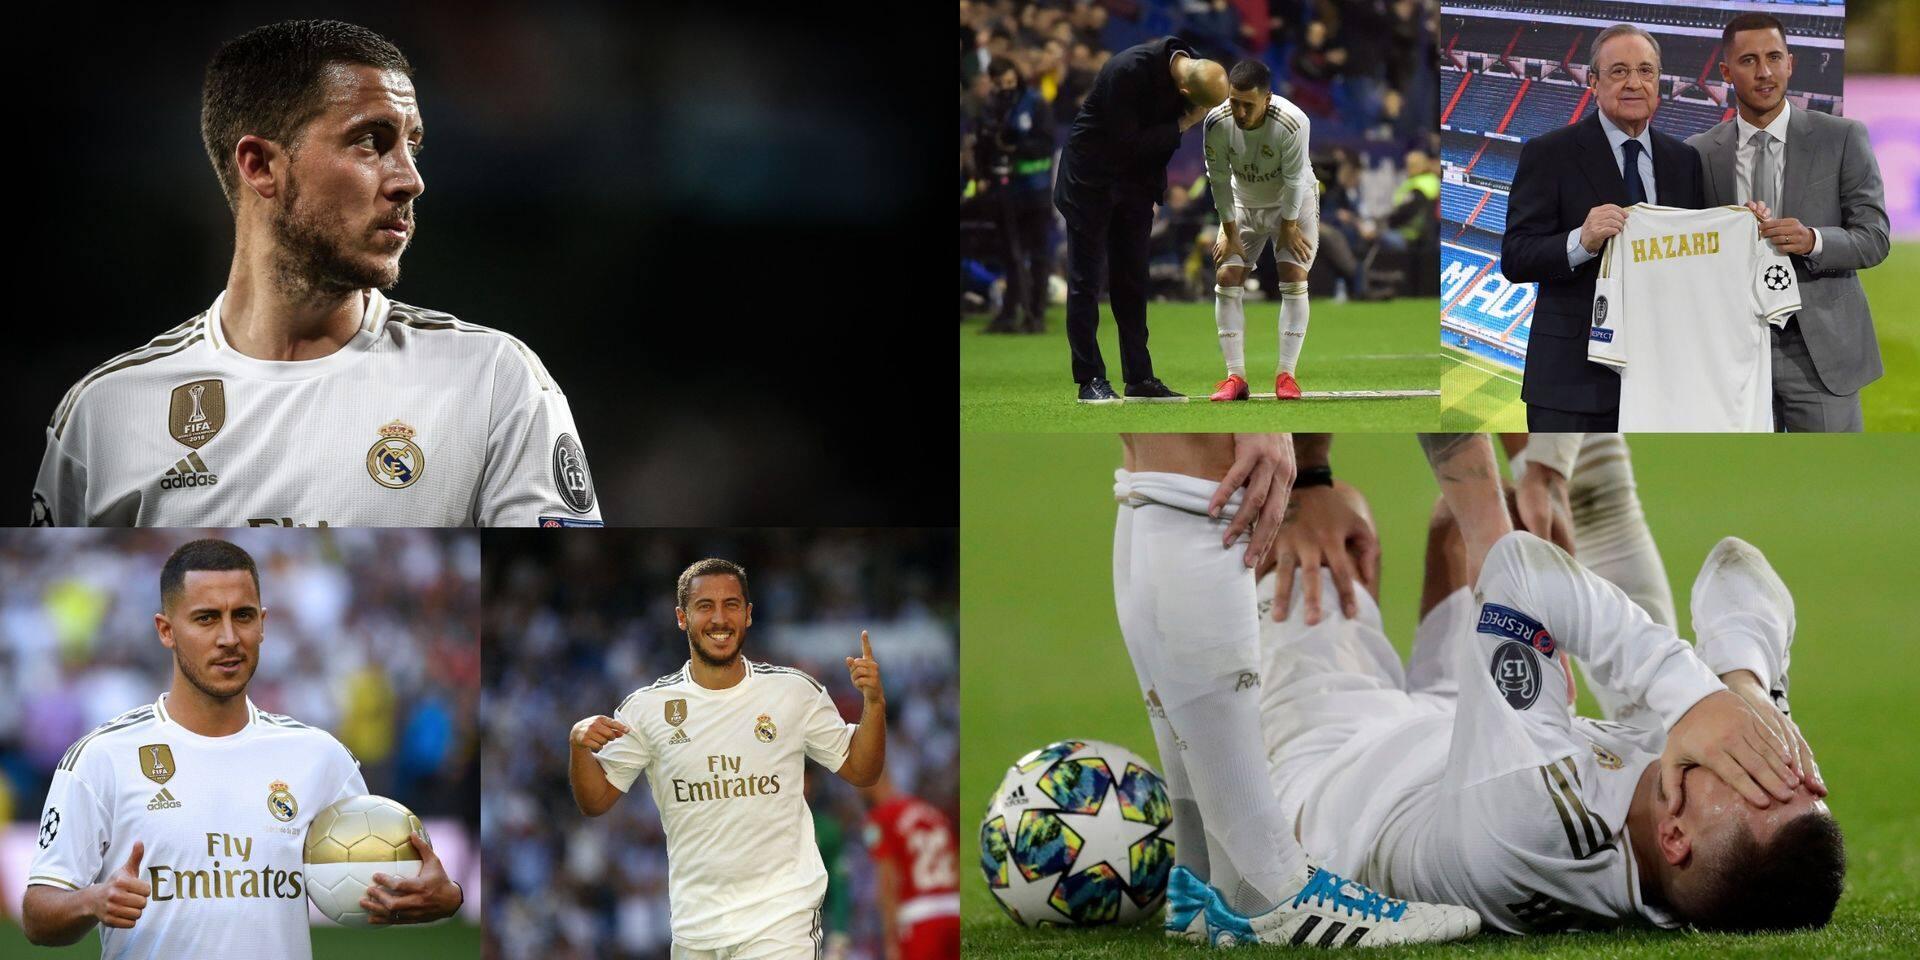 Les 500 premiers jours d'Eden Hazard au Real, entre belles promesses, vives critiques et blessures à répétition